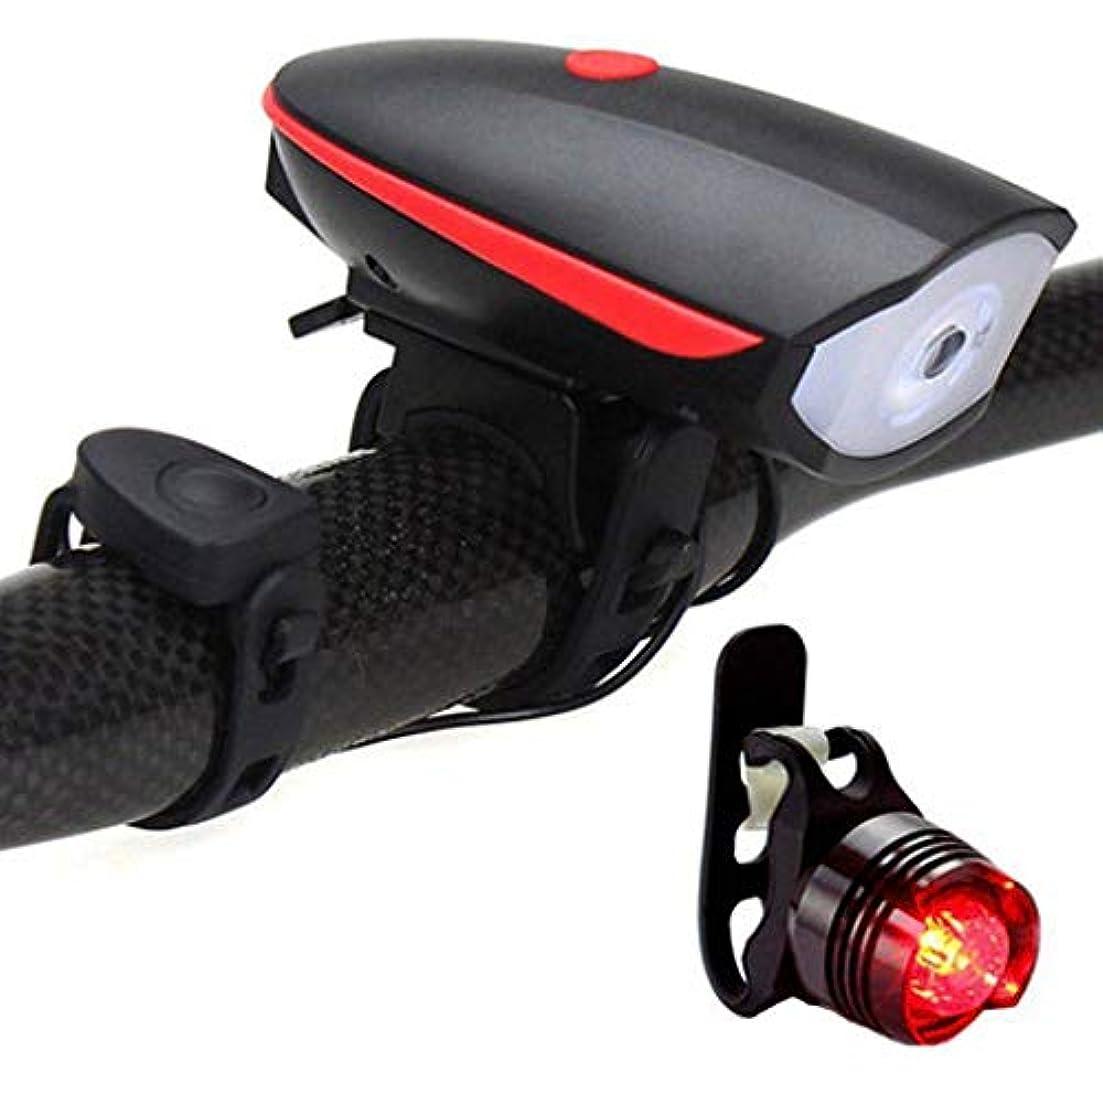 リップ敬ペフ自転車用ライトセットUSB充電式、ハイライトルーメンLED自転車用ライトスマート盗難防止用ホーン、自転車用ヘッドライト+セーフティテールライトセット